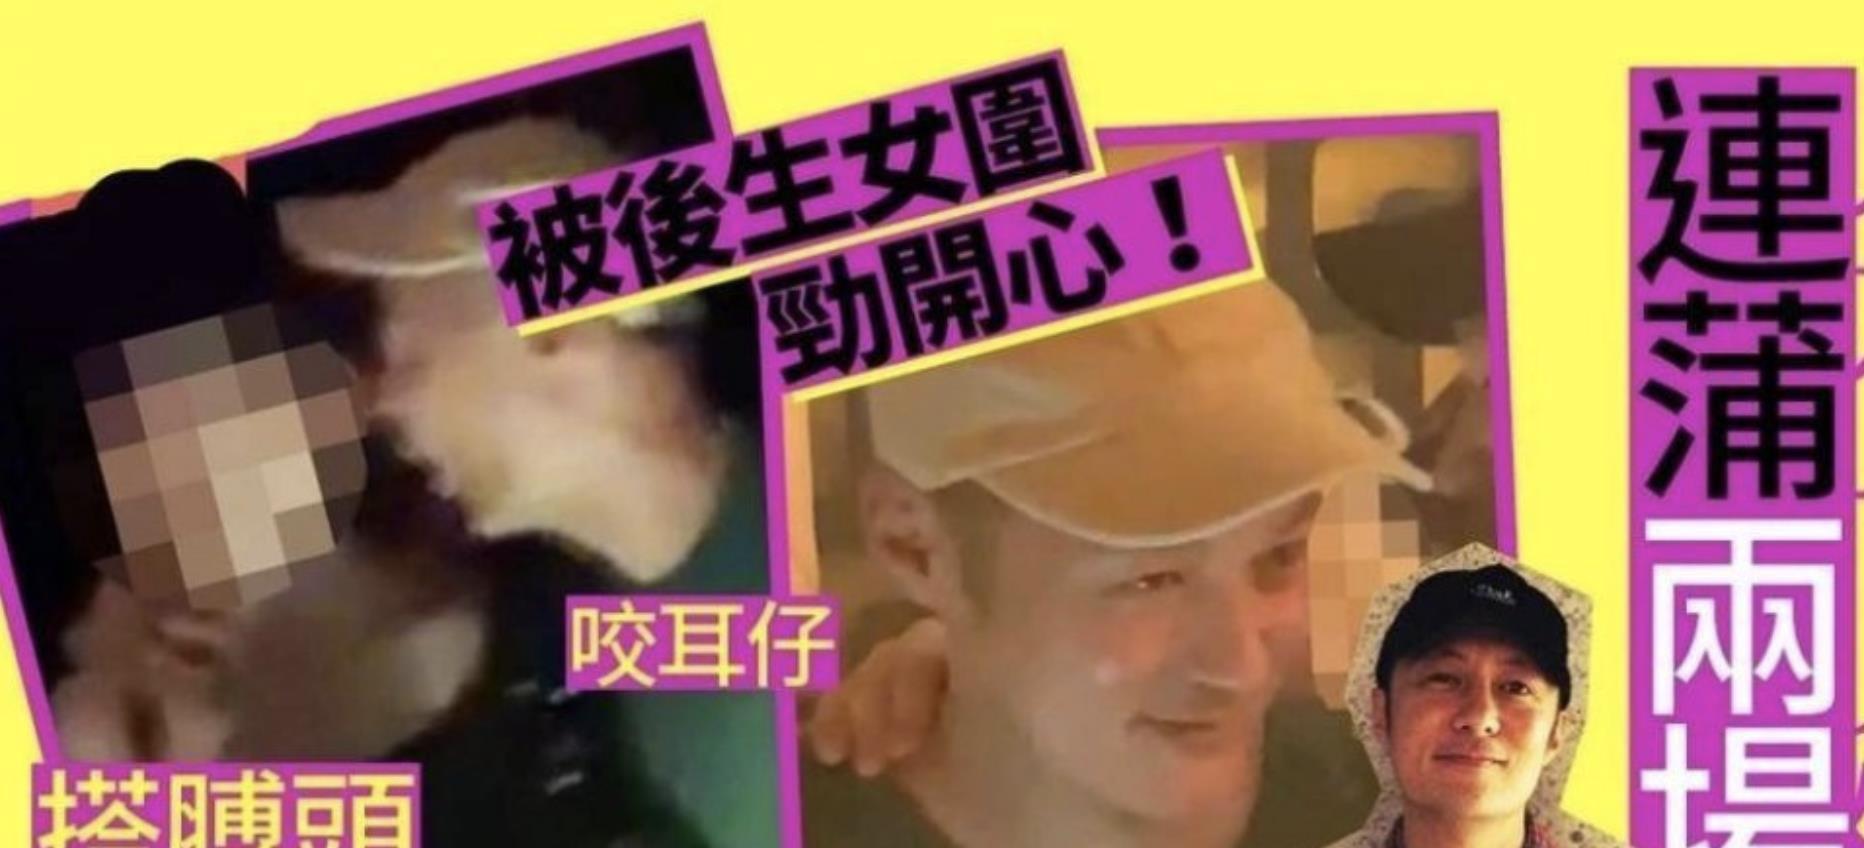 王棠云发文力挺老公余文乐,称他在夜店与姐姐聊天而已,并不介意